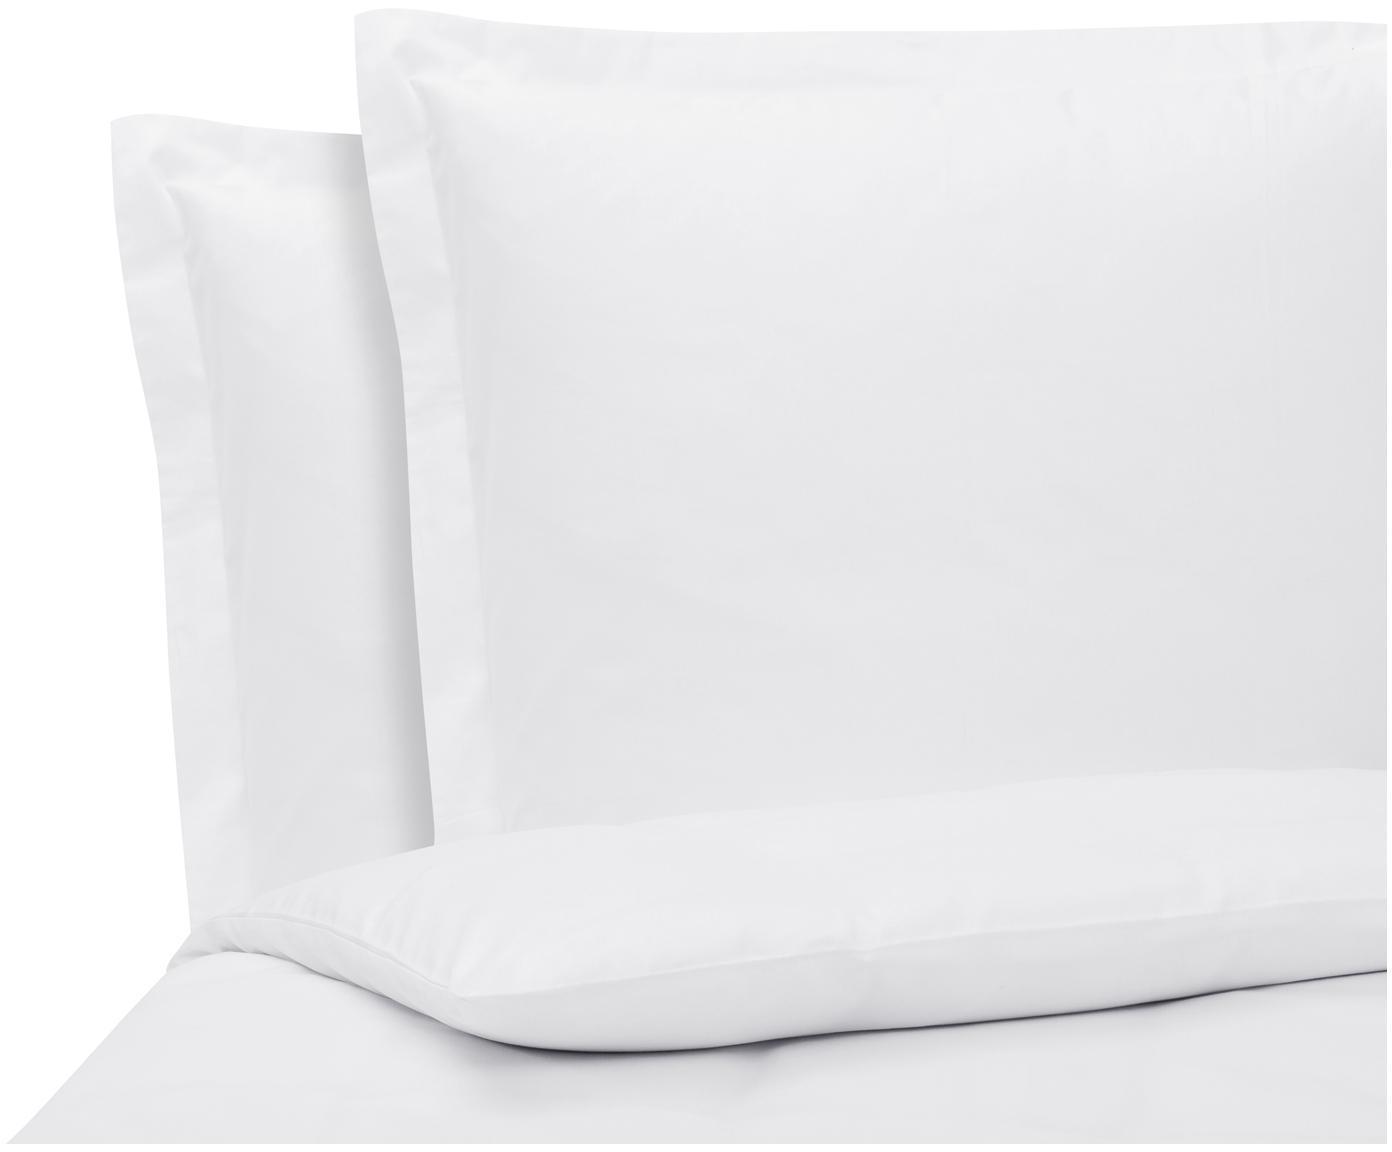 Baumwollsatin-Bettwäsche Premium in Weiß mit Stehsaum, Webart: Satin Fadendichte 400 TC,, Weiß, 200 x 200 cm + 2 Kissen 80 x 80 cm